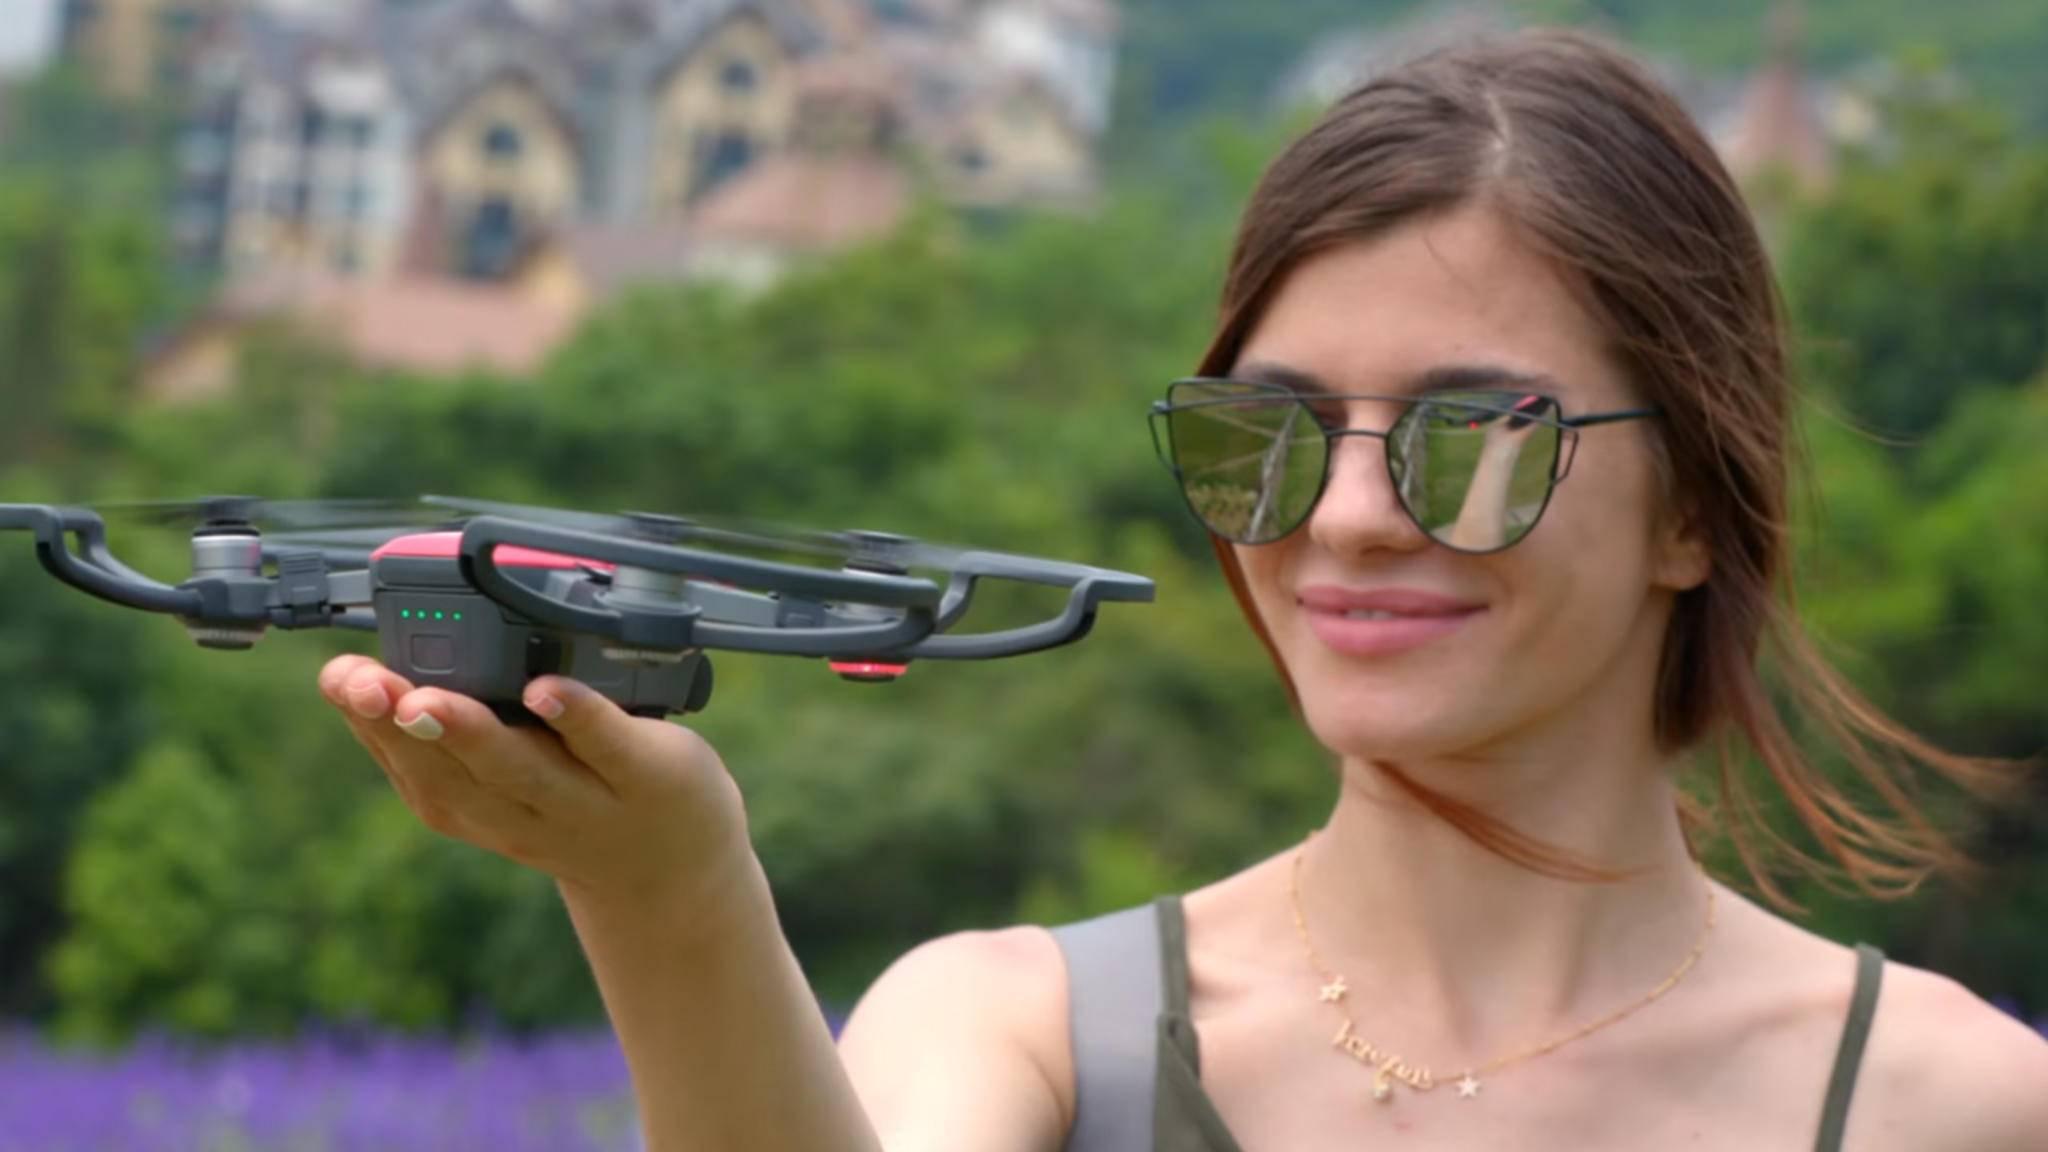 Nachdem die Drohne Dein Gesicht erkennt hat, hebt sie automatisch ab.